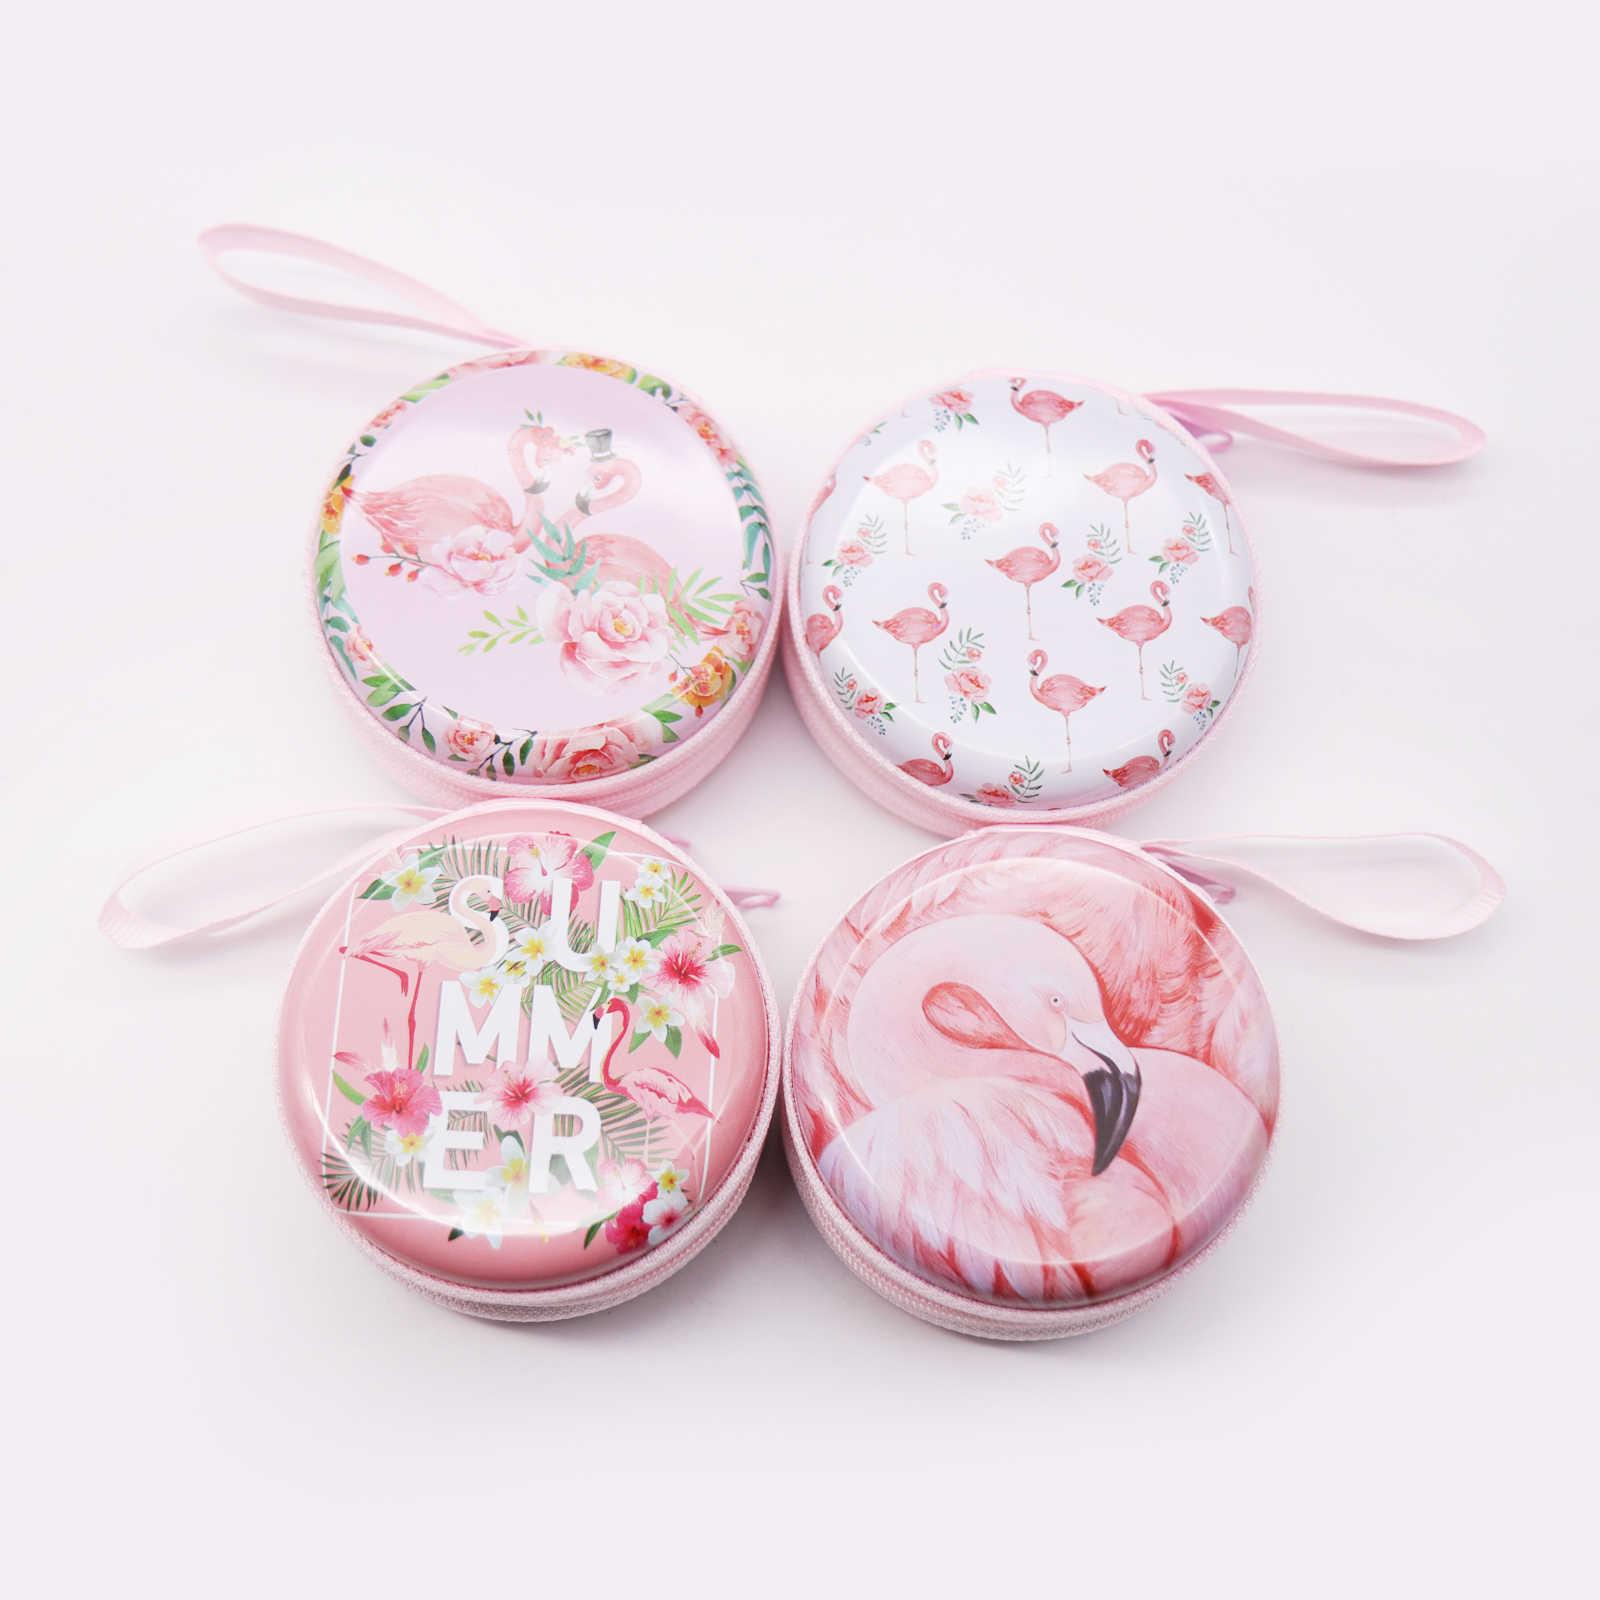 Bonito Dos Desenhos Animados Rodada Caixa de Presente de Chocolate Caixa de Doces Folha de Flandres Flamingo Para DIY Festa de Casamento de Natal Decoração Caixa de Armazenamento de Jóias